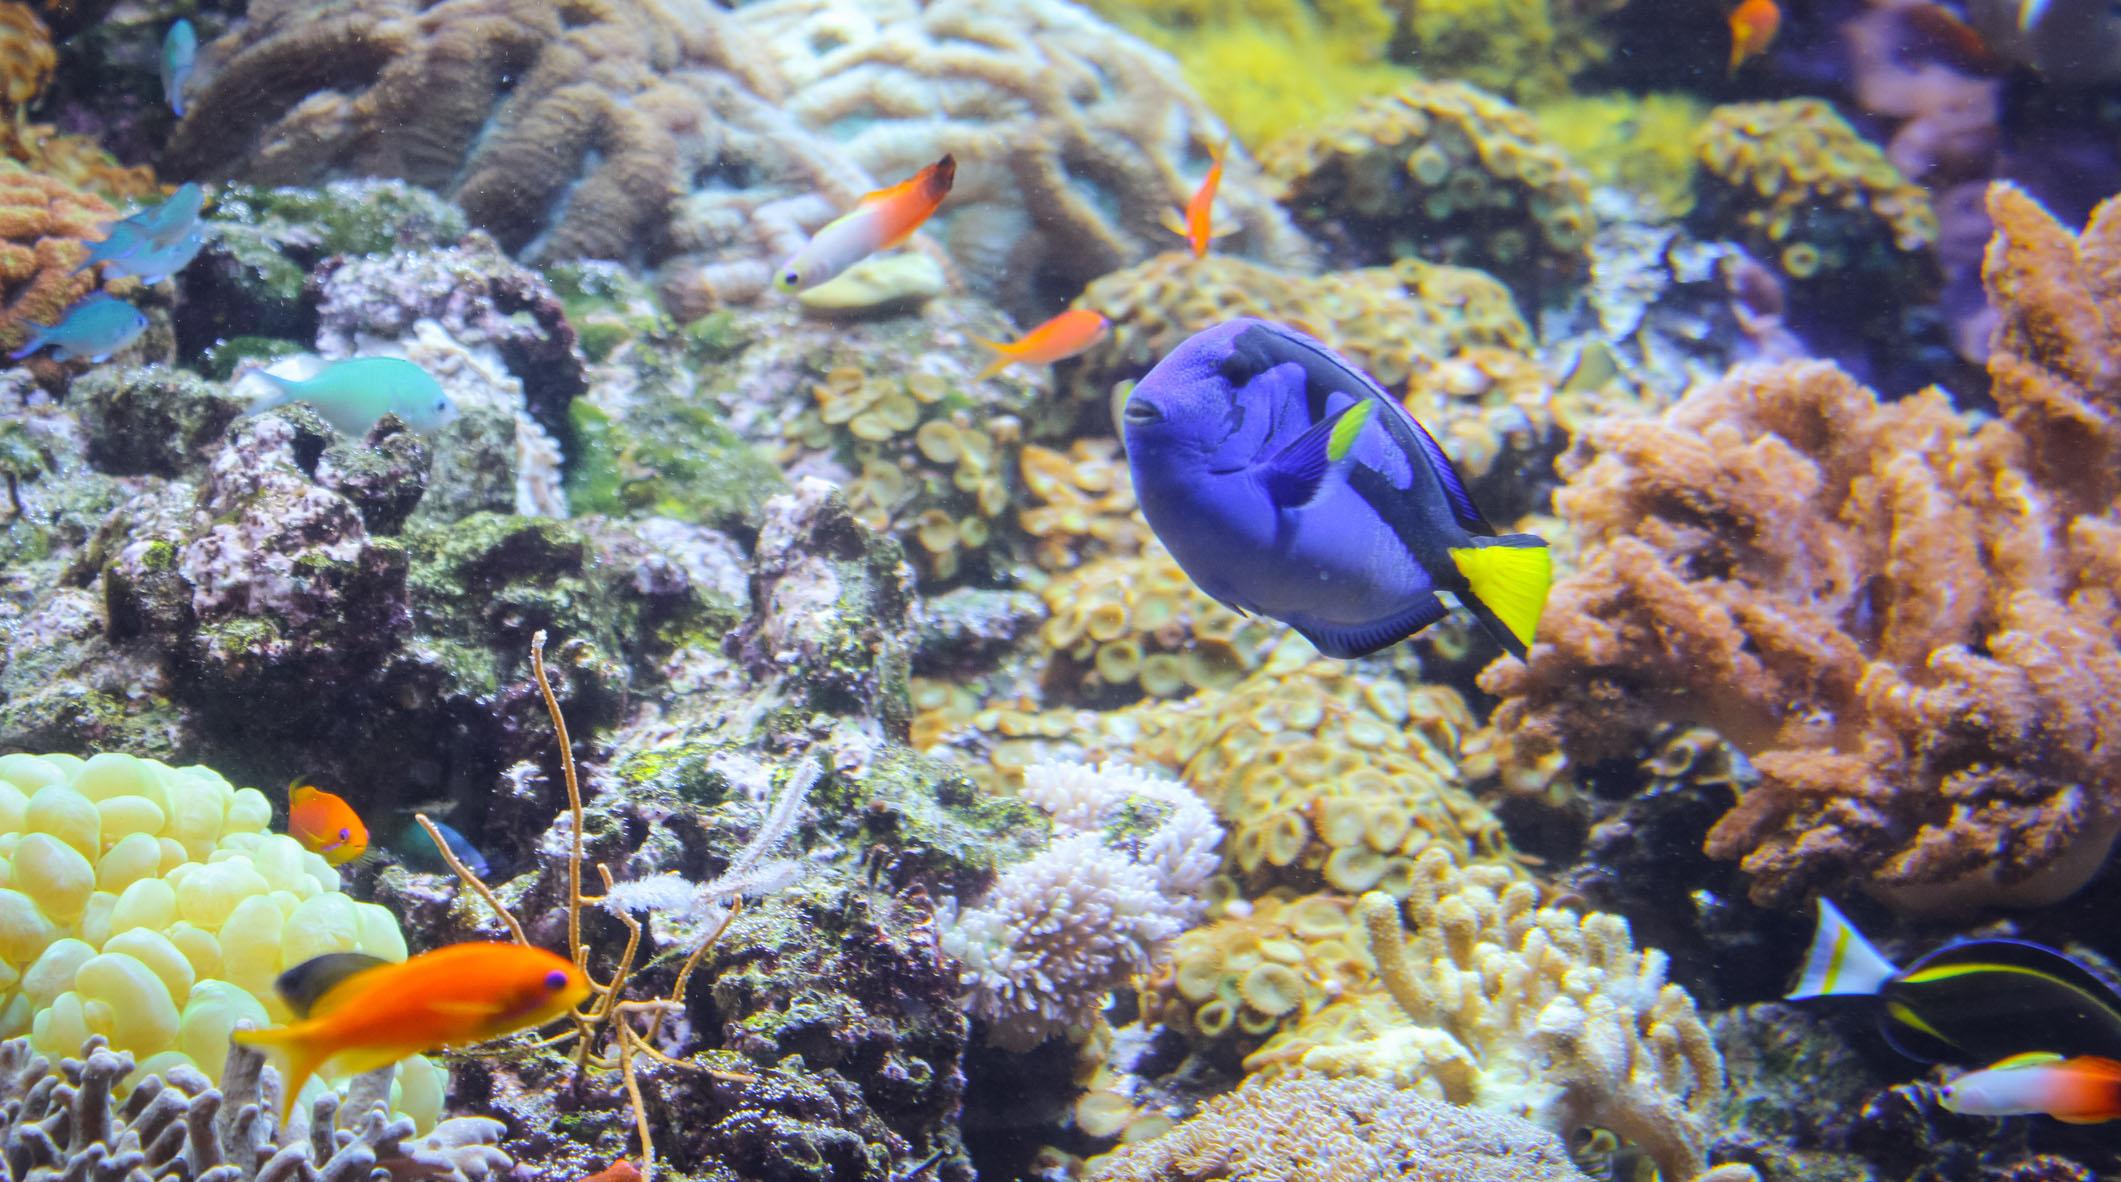 Virtual aquarium visits